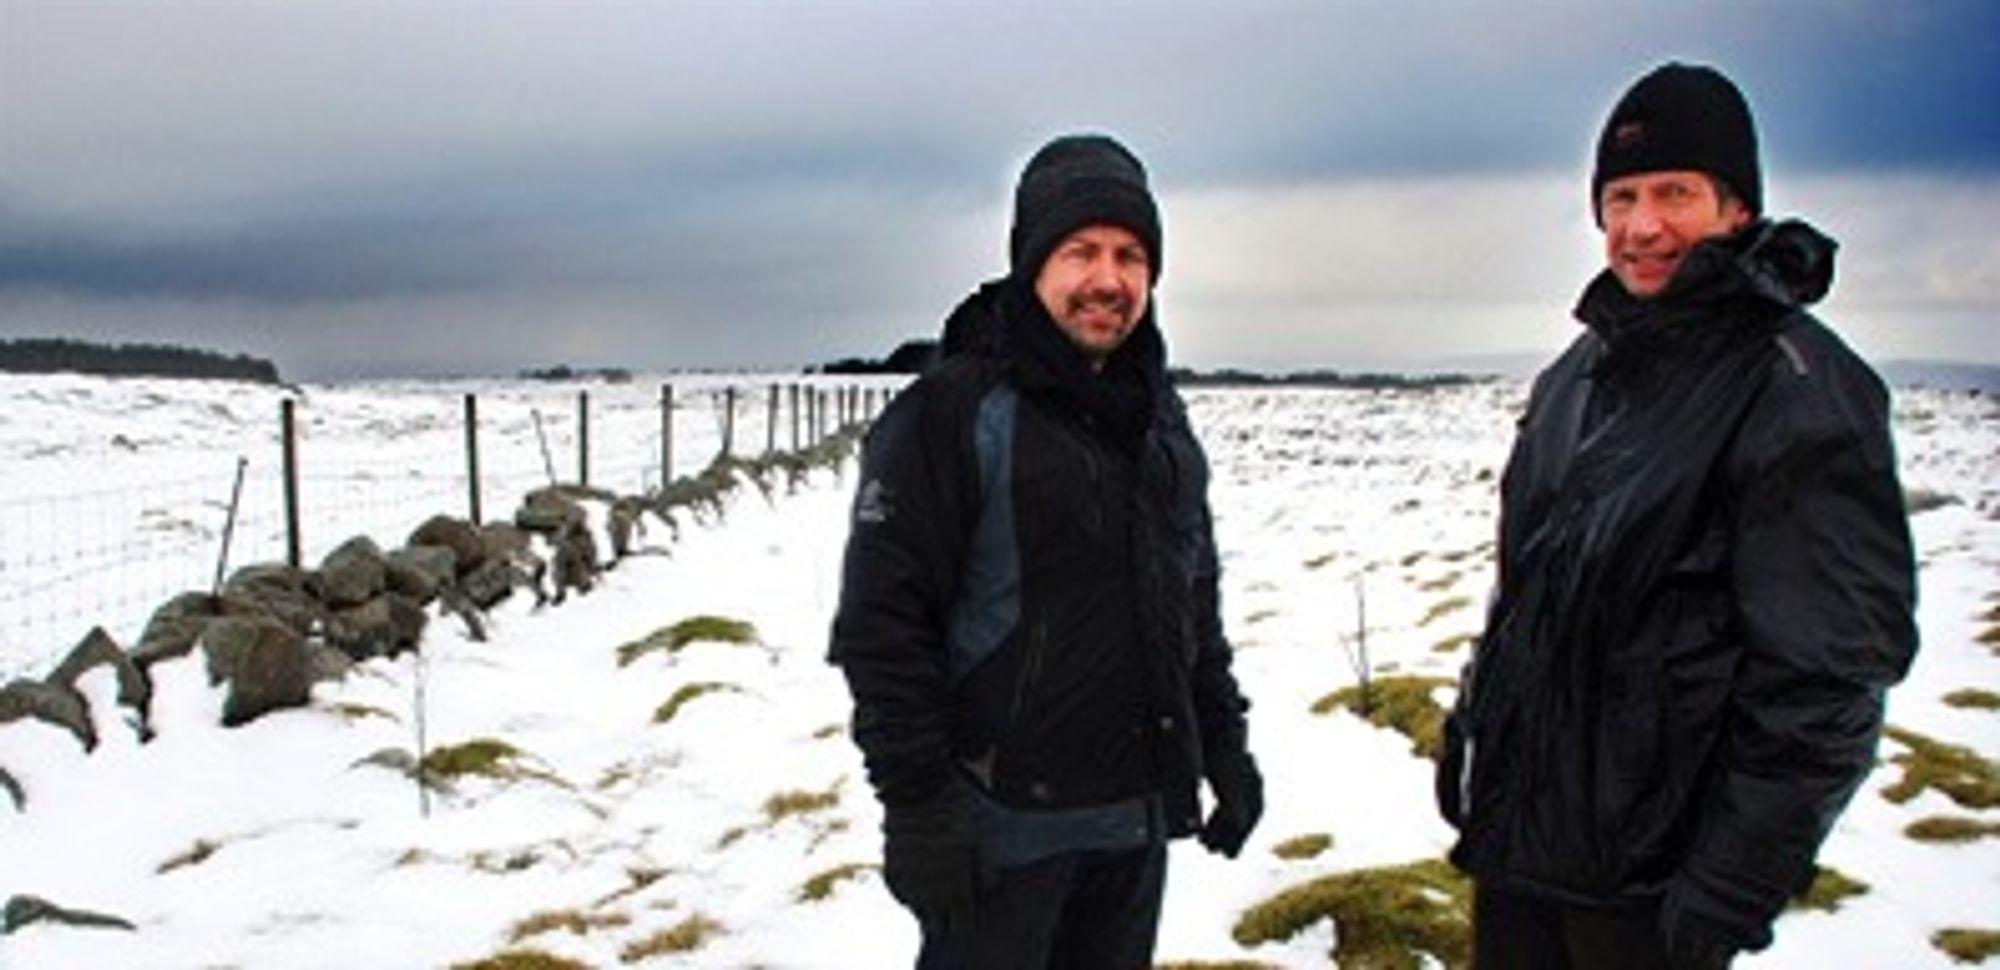 - Det føles som om vi har jobbet med dette prosjektet siden tidenes morgen, sier daglig leder Lars Helge Helvig i Jæren Energi AS og styreleder Rune Hersvik i Norsk Vind Energi AS. Men vindparken er fortsatt omstrid i deler av lokalmiljøet.